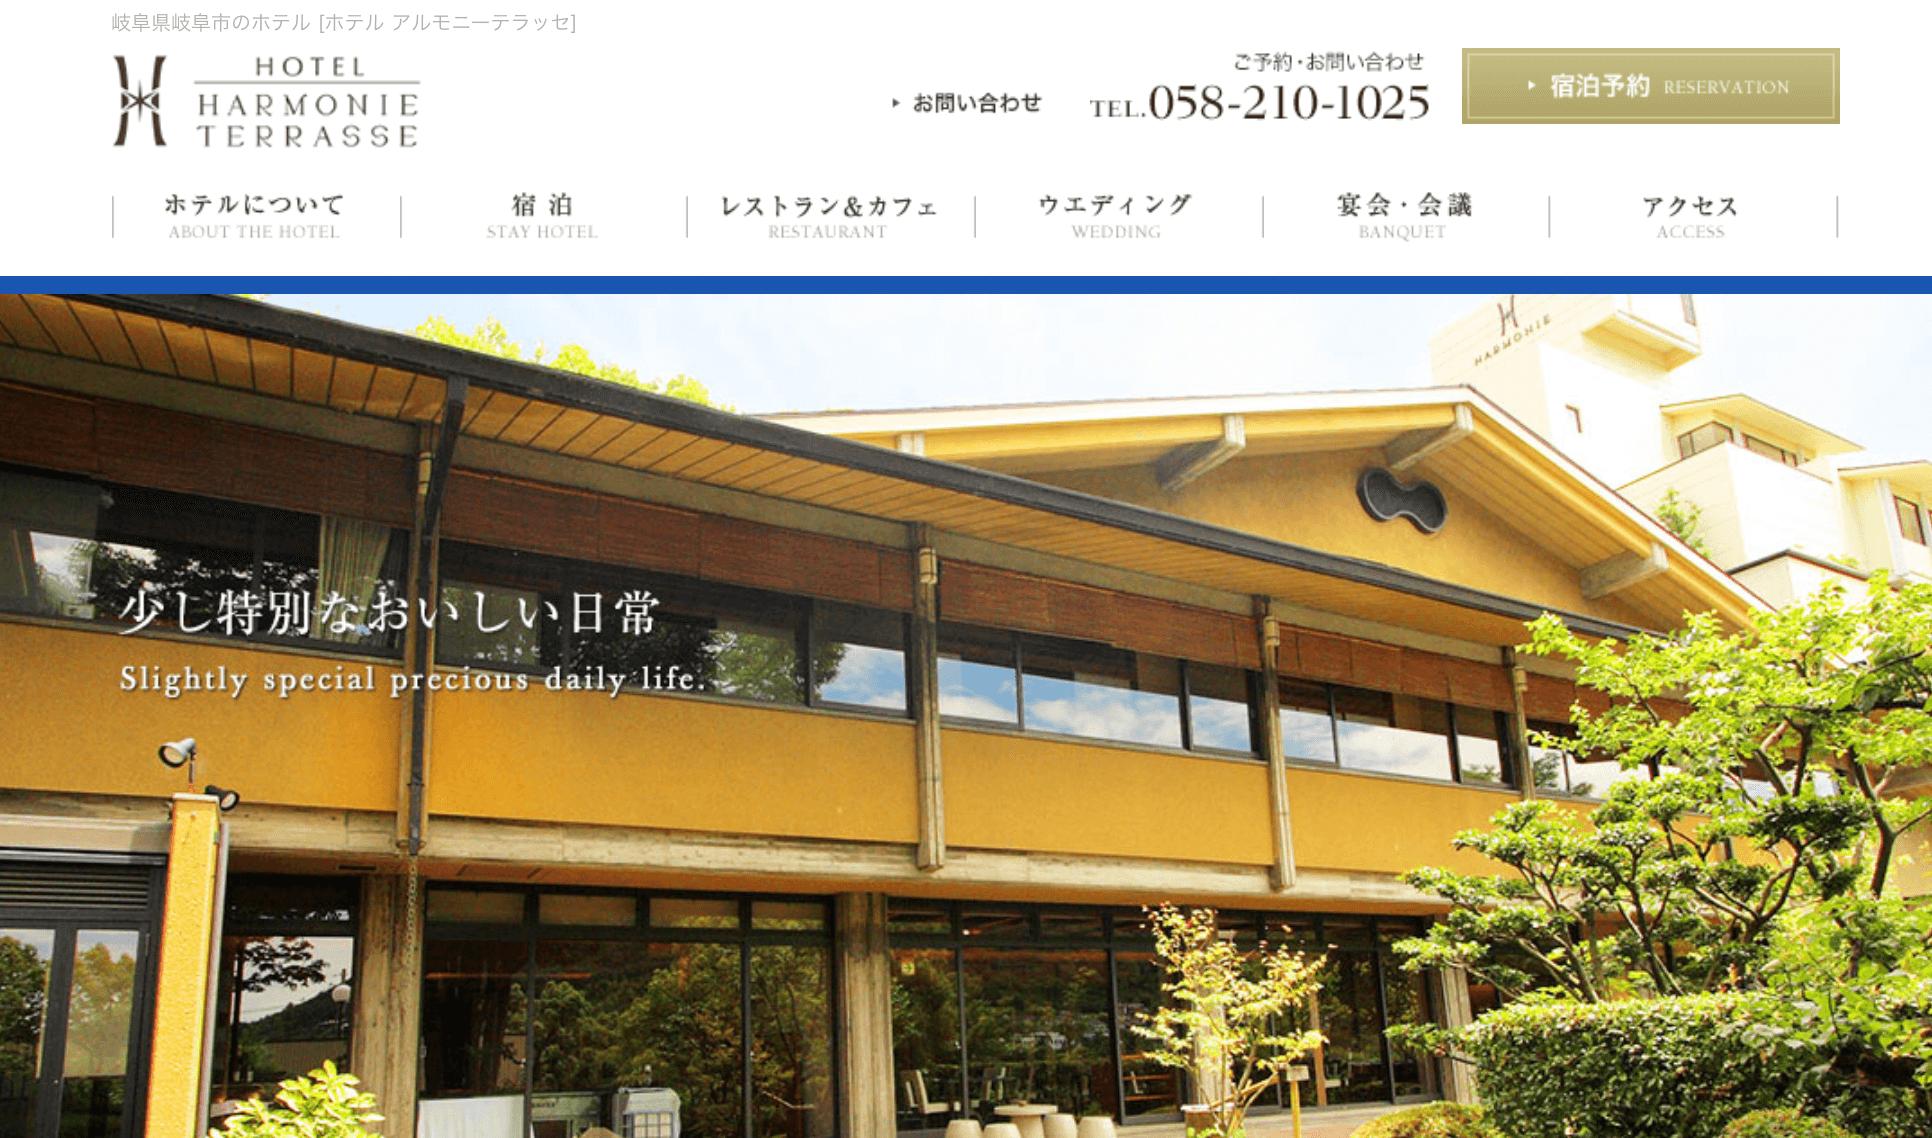 岐阜でパパ活におすすめなホテル「ホテル アルモニーテラッセ」